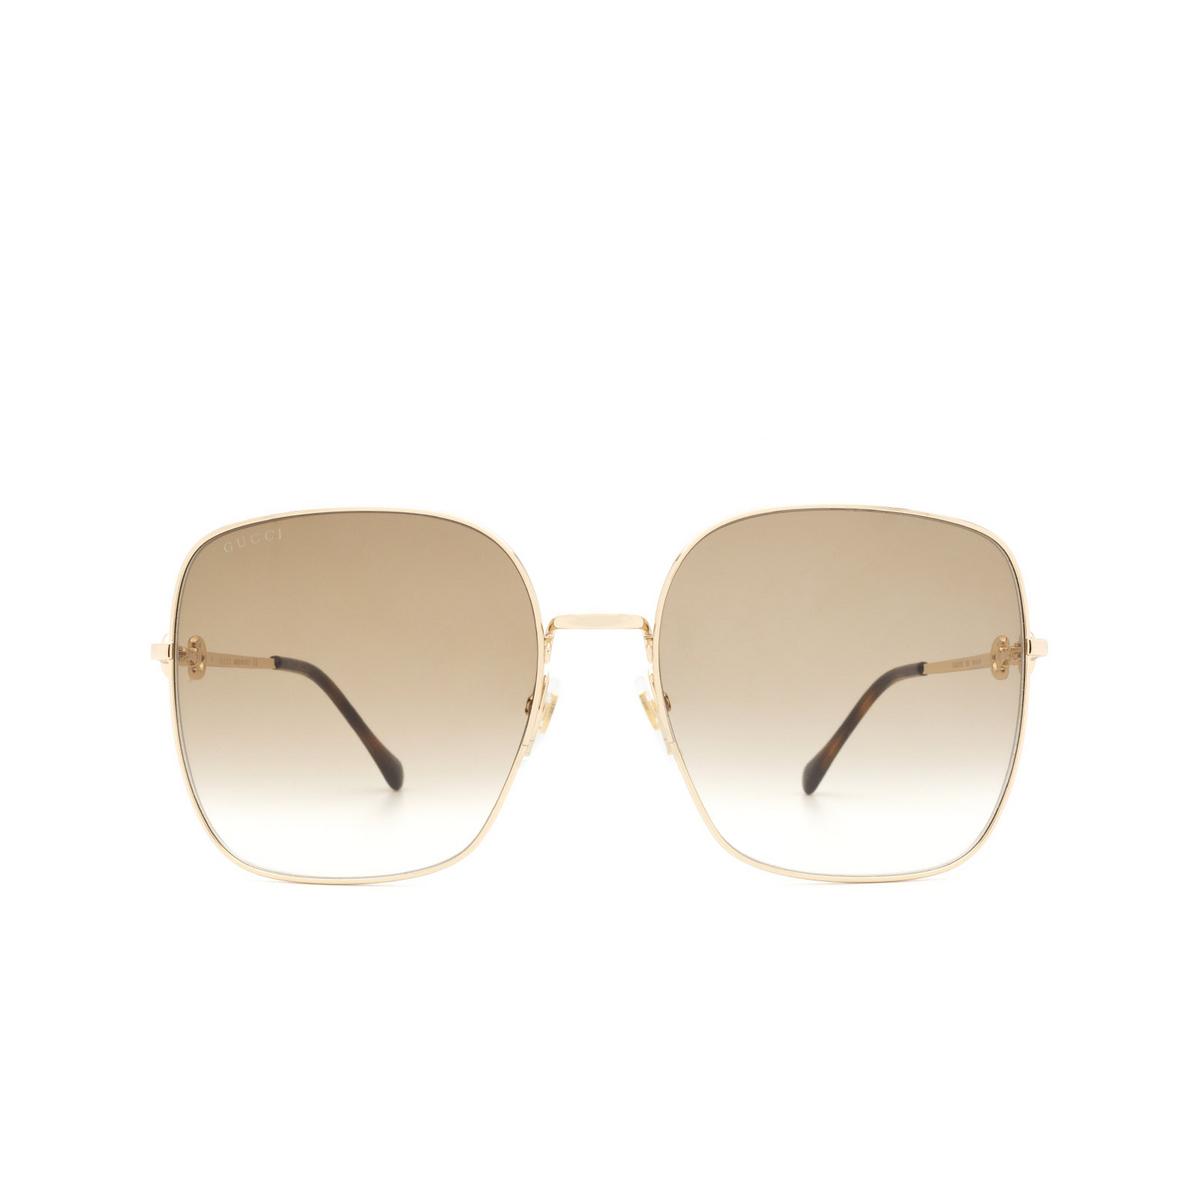 Gucci® Square Sunglasses: GG0879S color Gold 002 - 1/3.